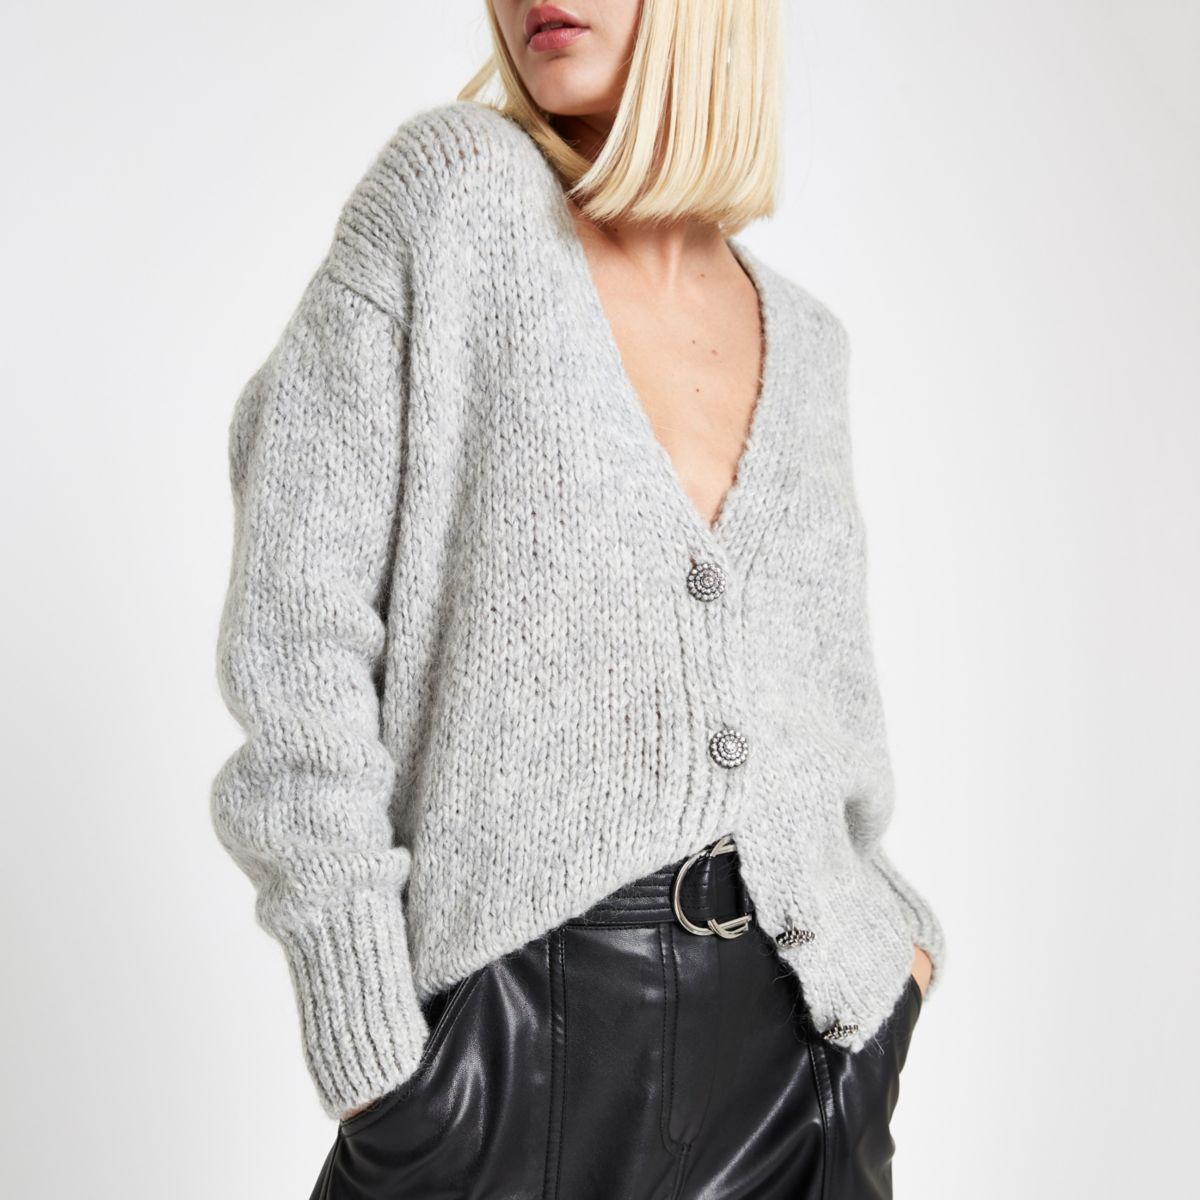 Grey rhinestone button knit cardigan